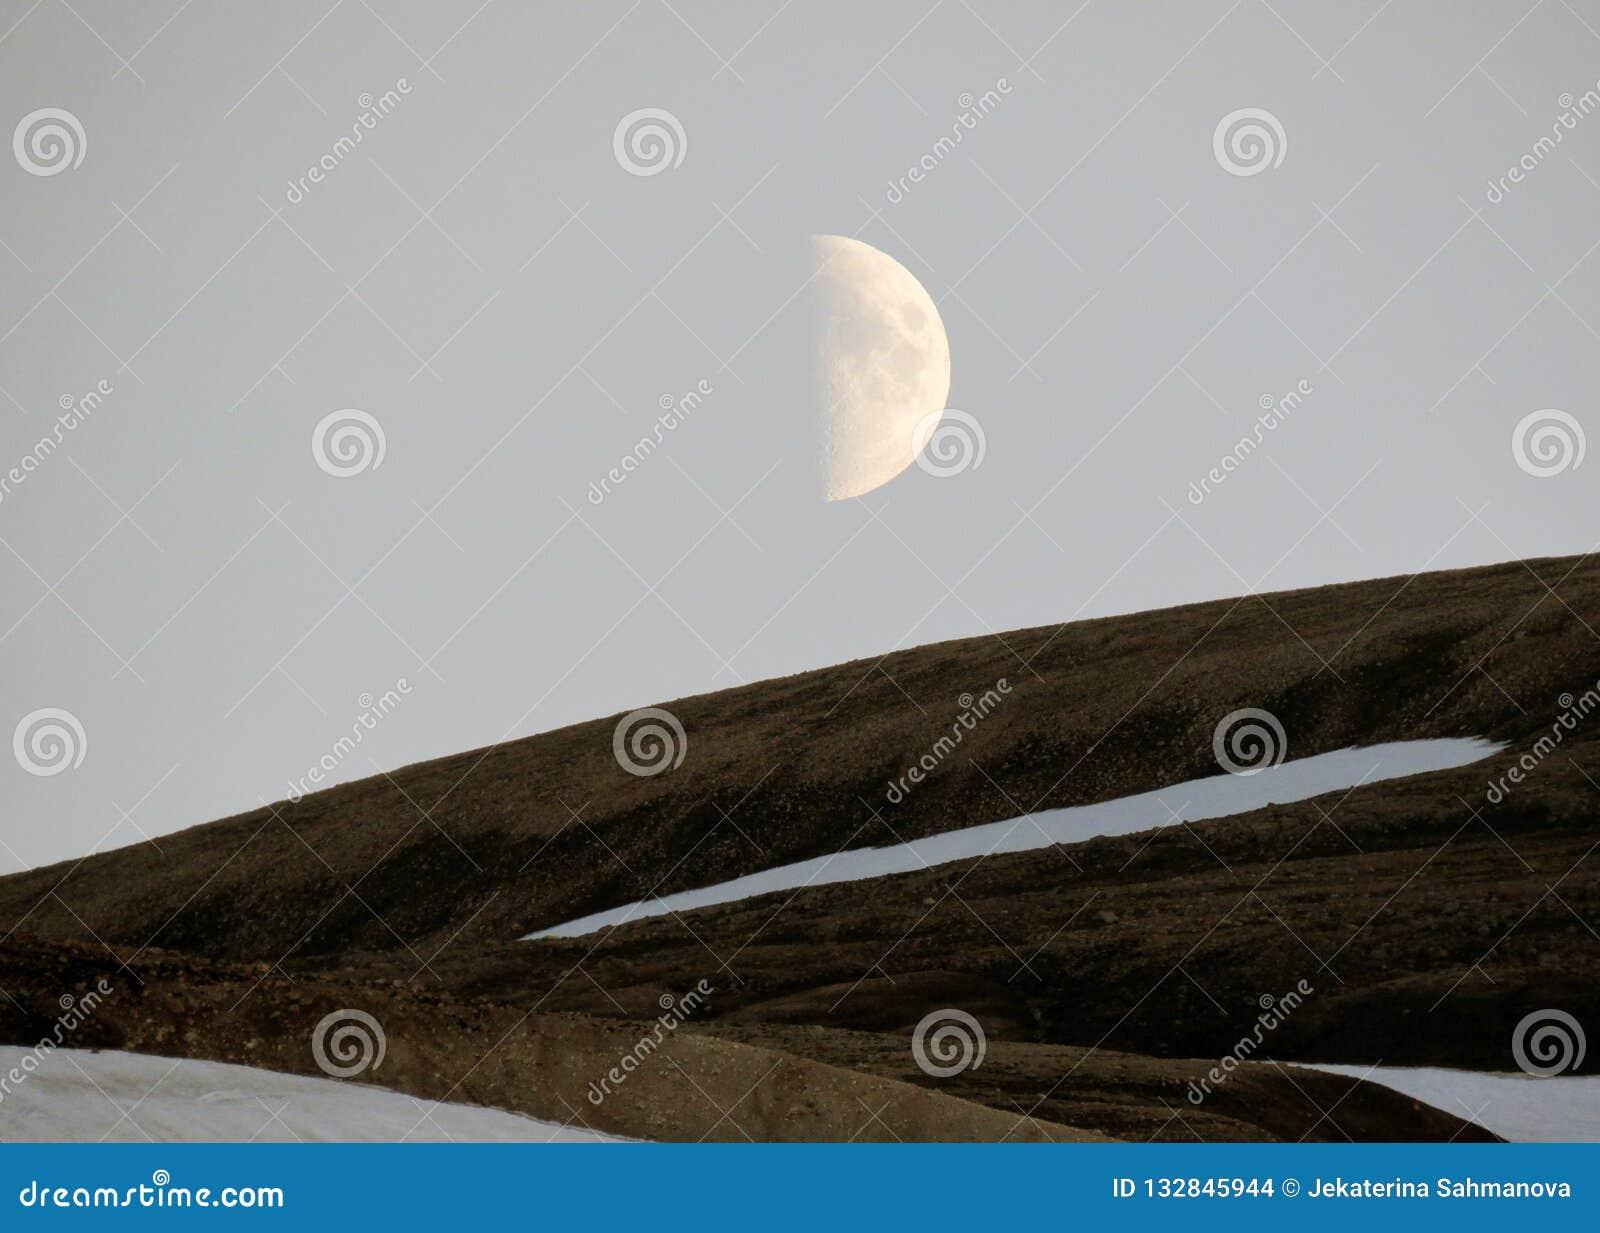 Όμορφο τοπίο Landmannalaugar με το χιόνι και το κηρώνοντας φεγγάρι, στην κορυφή του βουνού Blahnukur κατά τη διάρκεια του ηλιοβασ